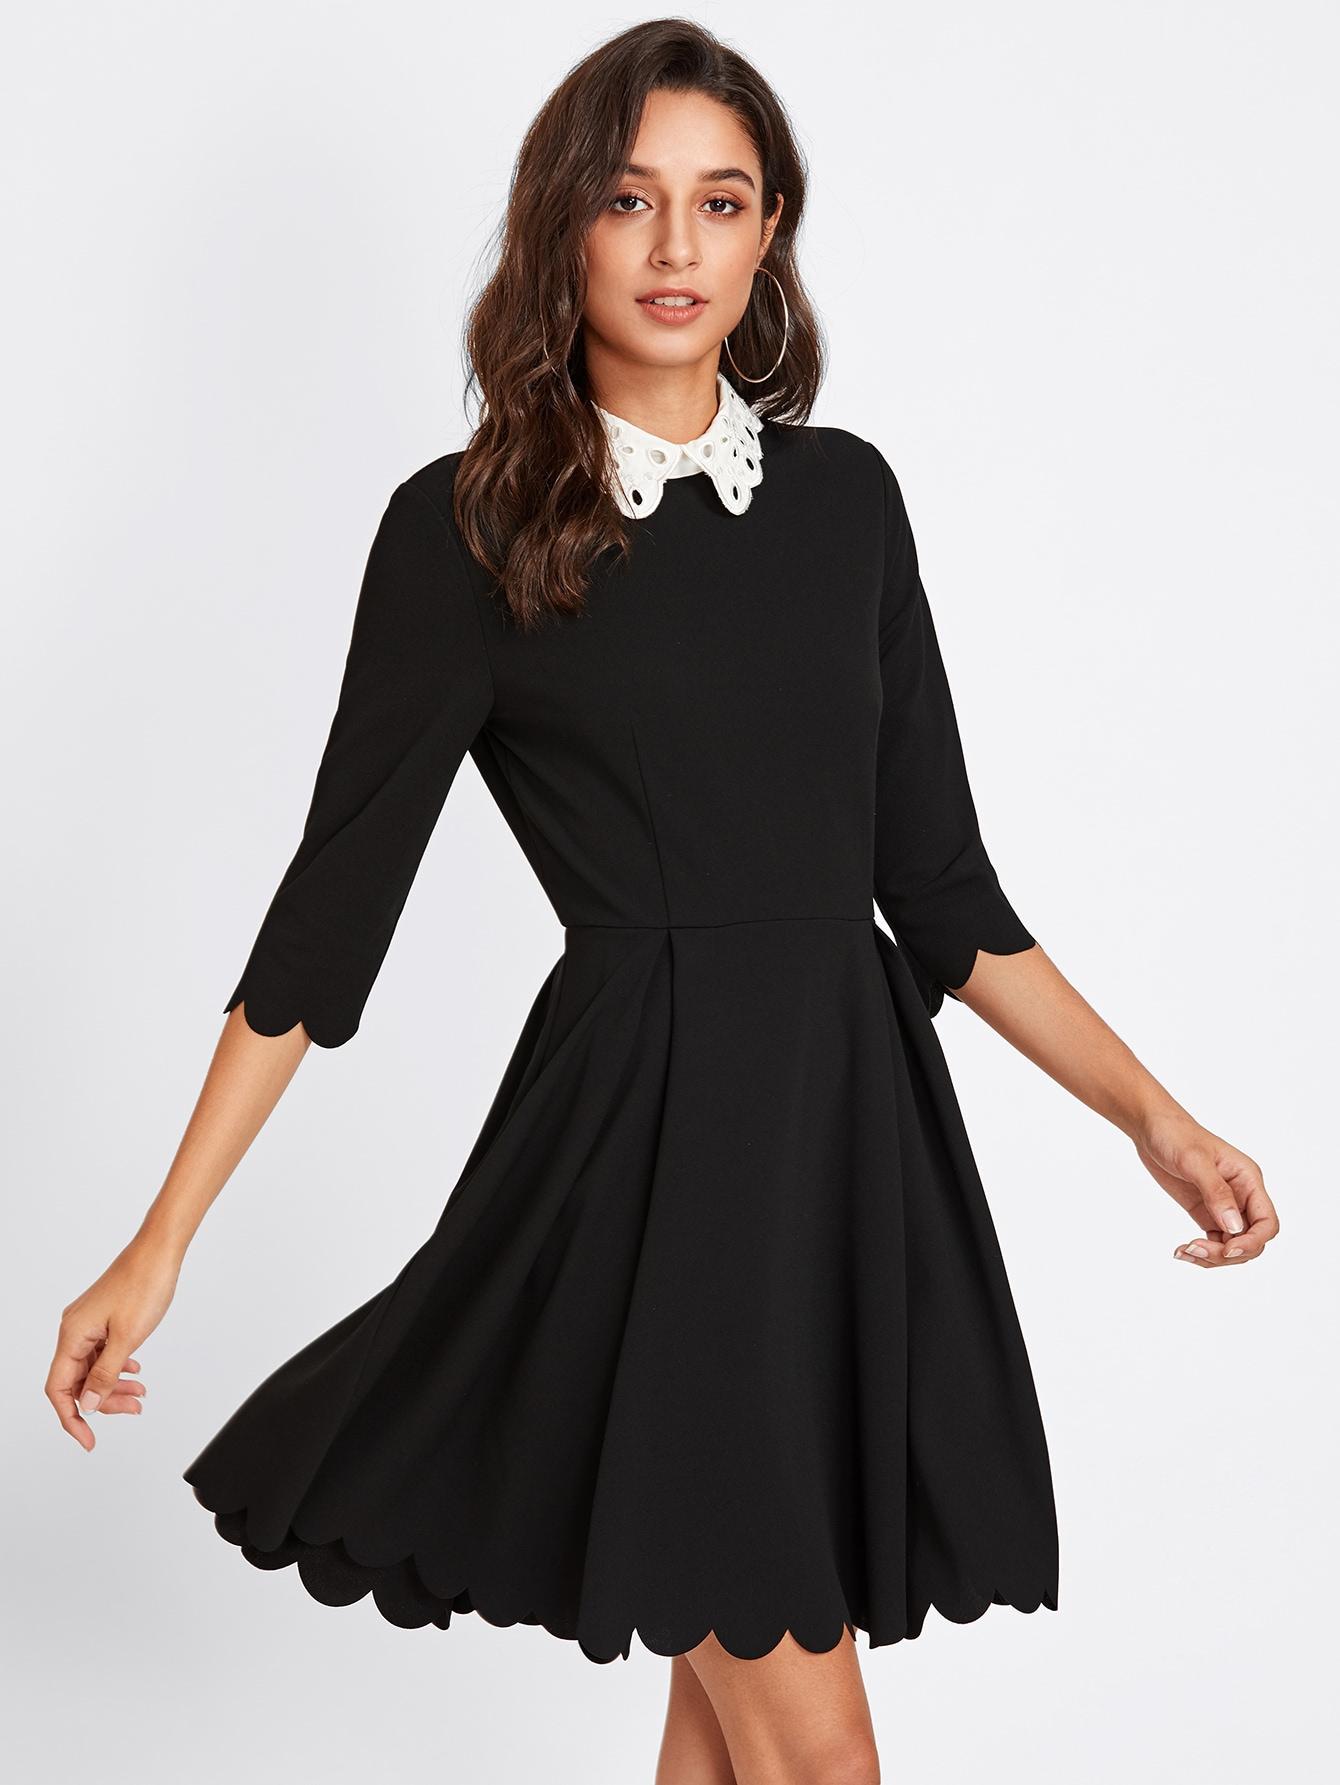 b65f218ec696 Schiffy Collar Scalloped Edge Skater Dress